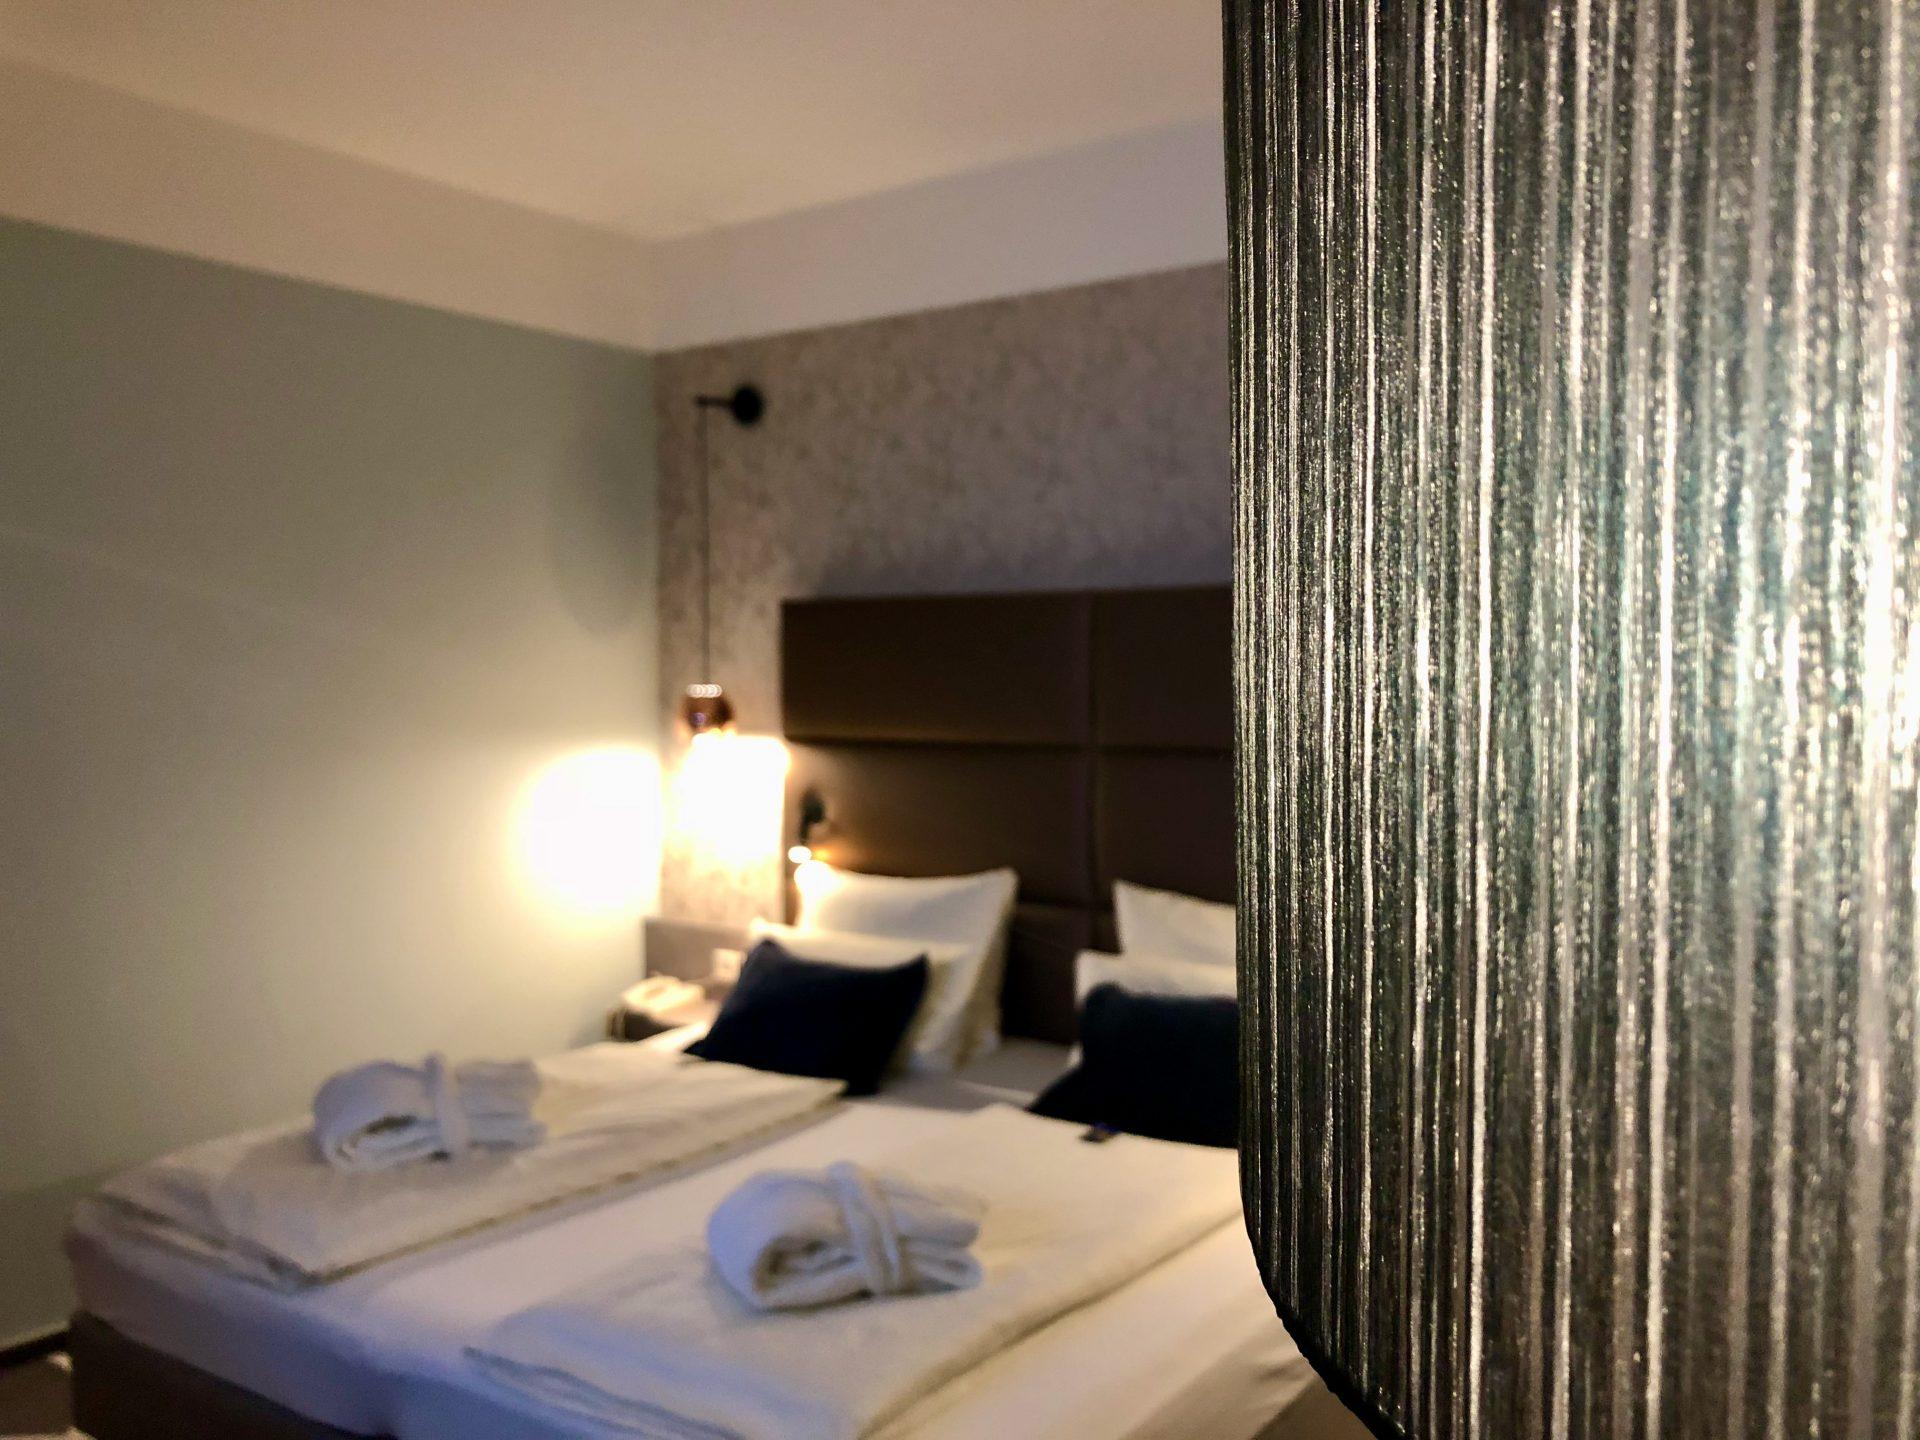 Du suchst ein Hotel in Thüringen? Hier sind unsere Empfehlungen!